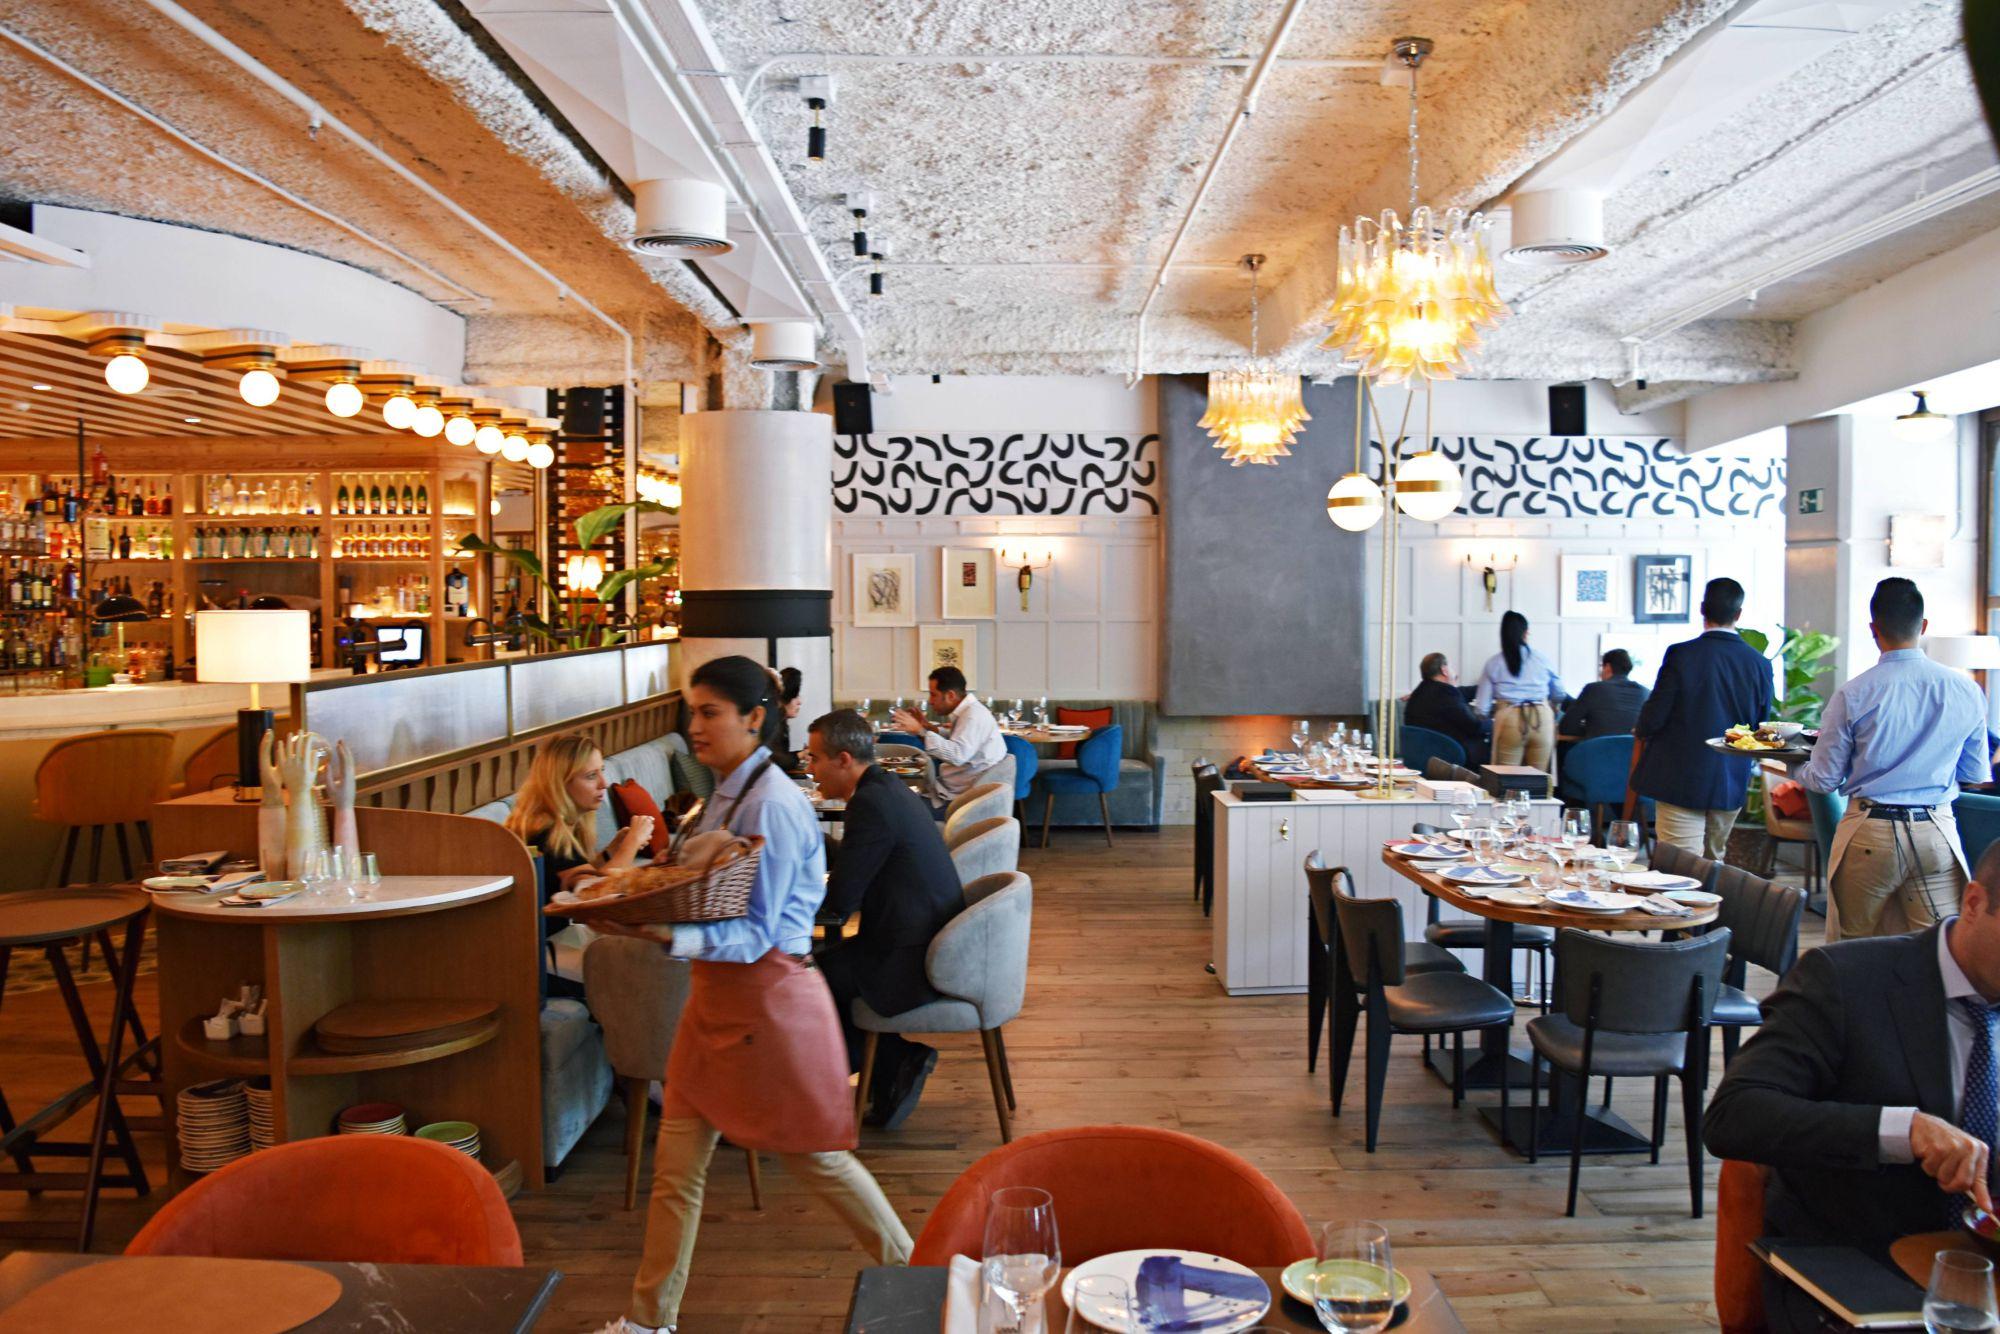 Otro de sus platos fuertes es el espacio (para más de 250 comensales) y su apuesta por la coctelería. Foto: Sinsombrero.